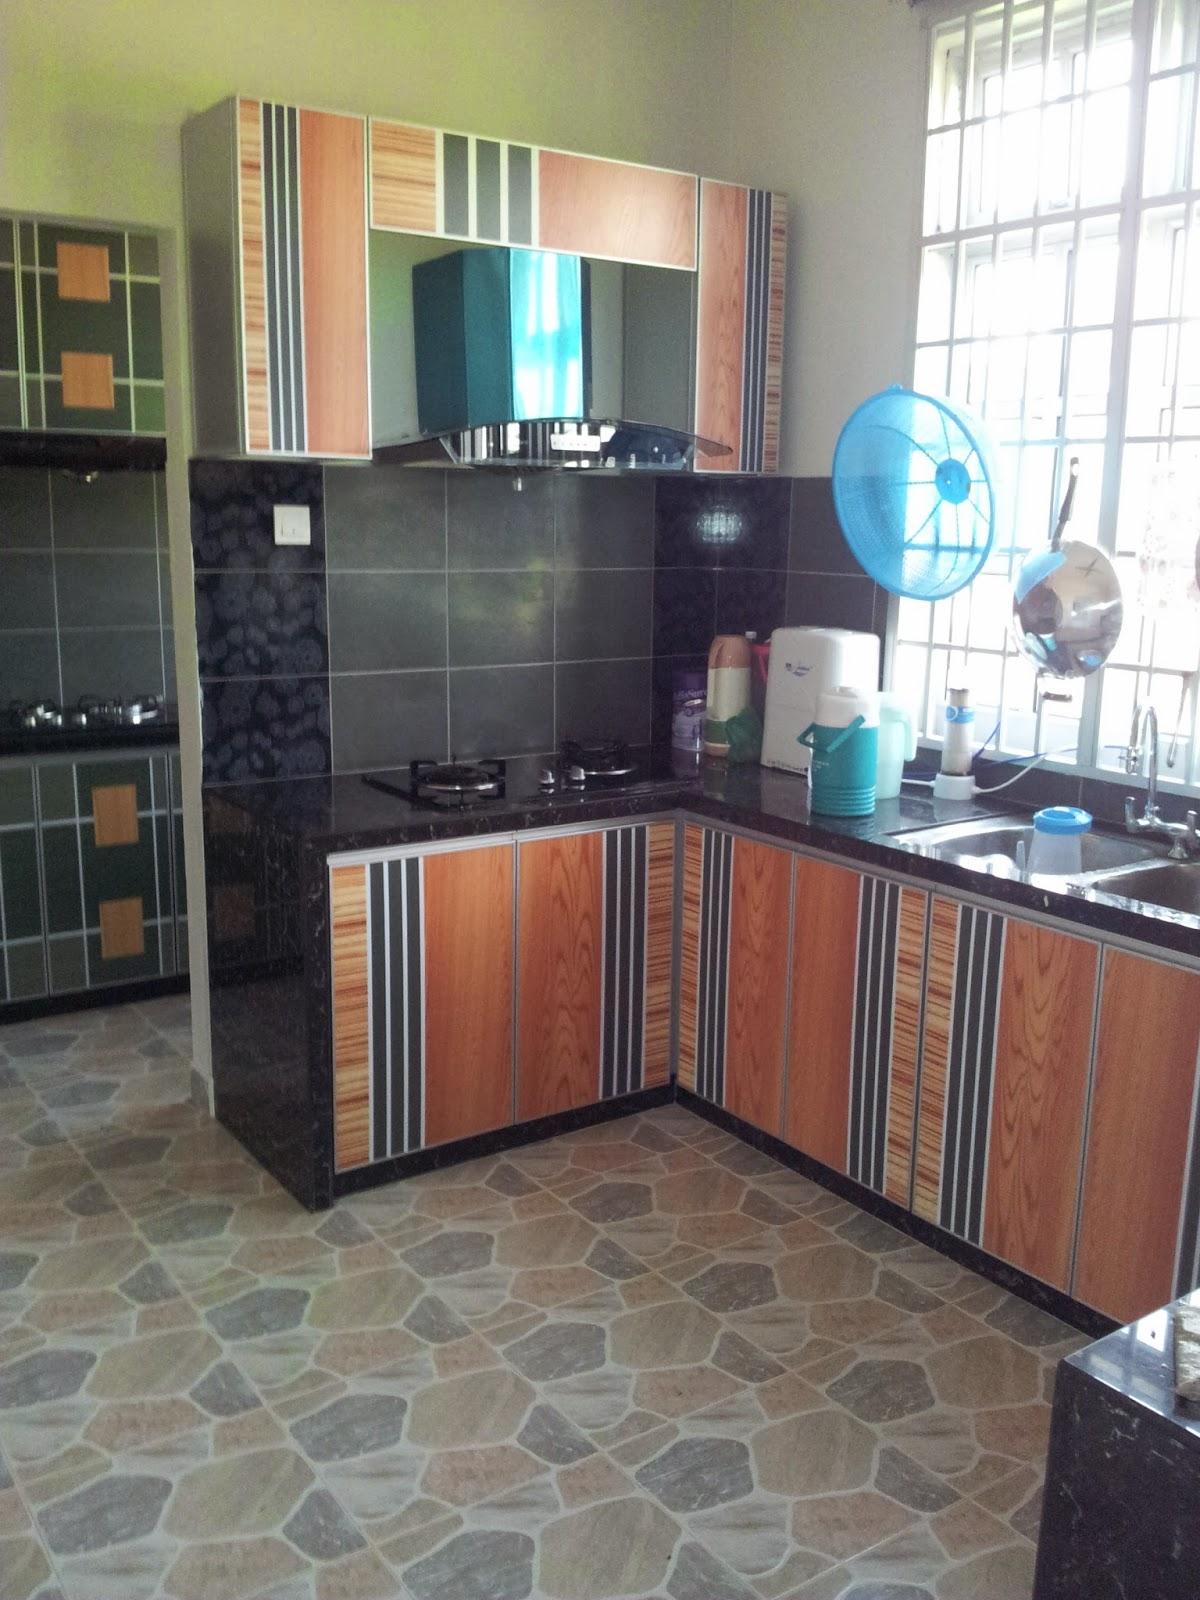 Pemilihan Warna Telah Dilakukan Agar Nampak Sesuai Dengan Bentuk Dapur Walaupun Ruang Kecil Tapi Menarik Dan Kemas